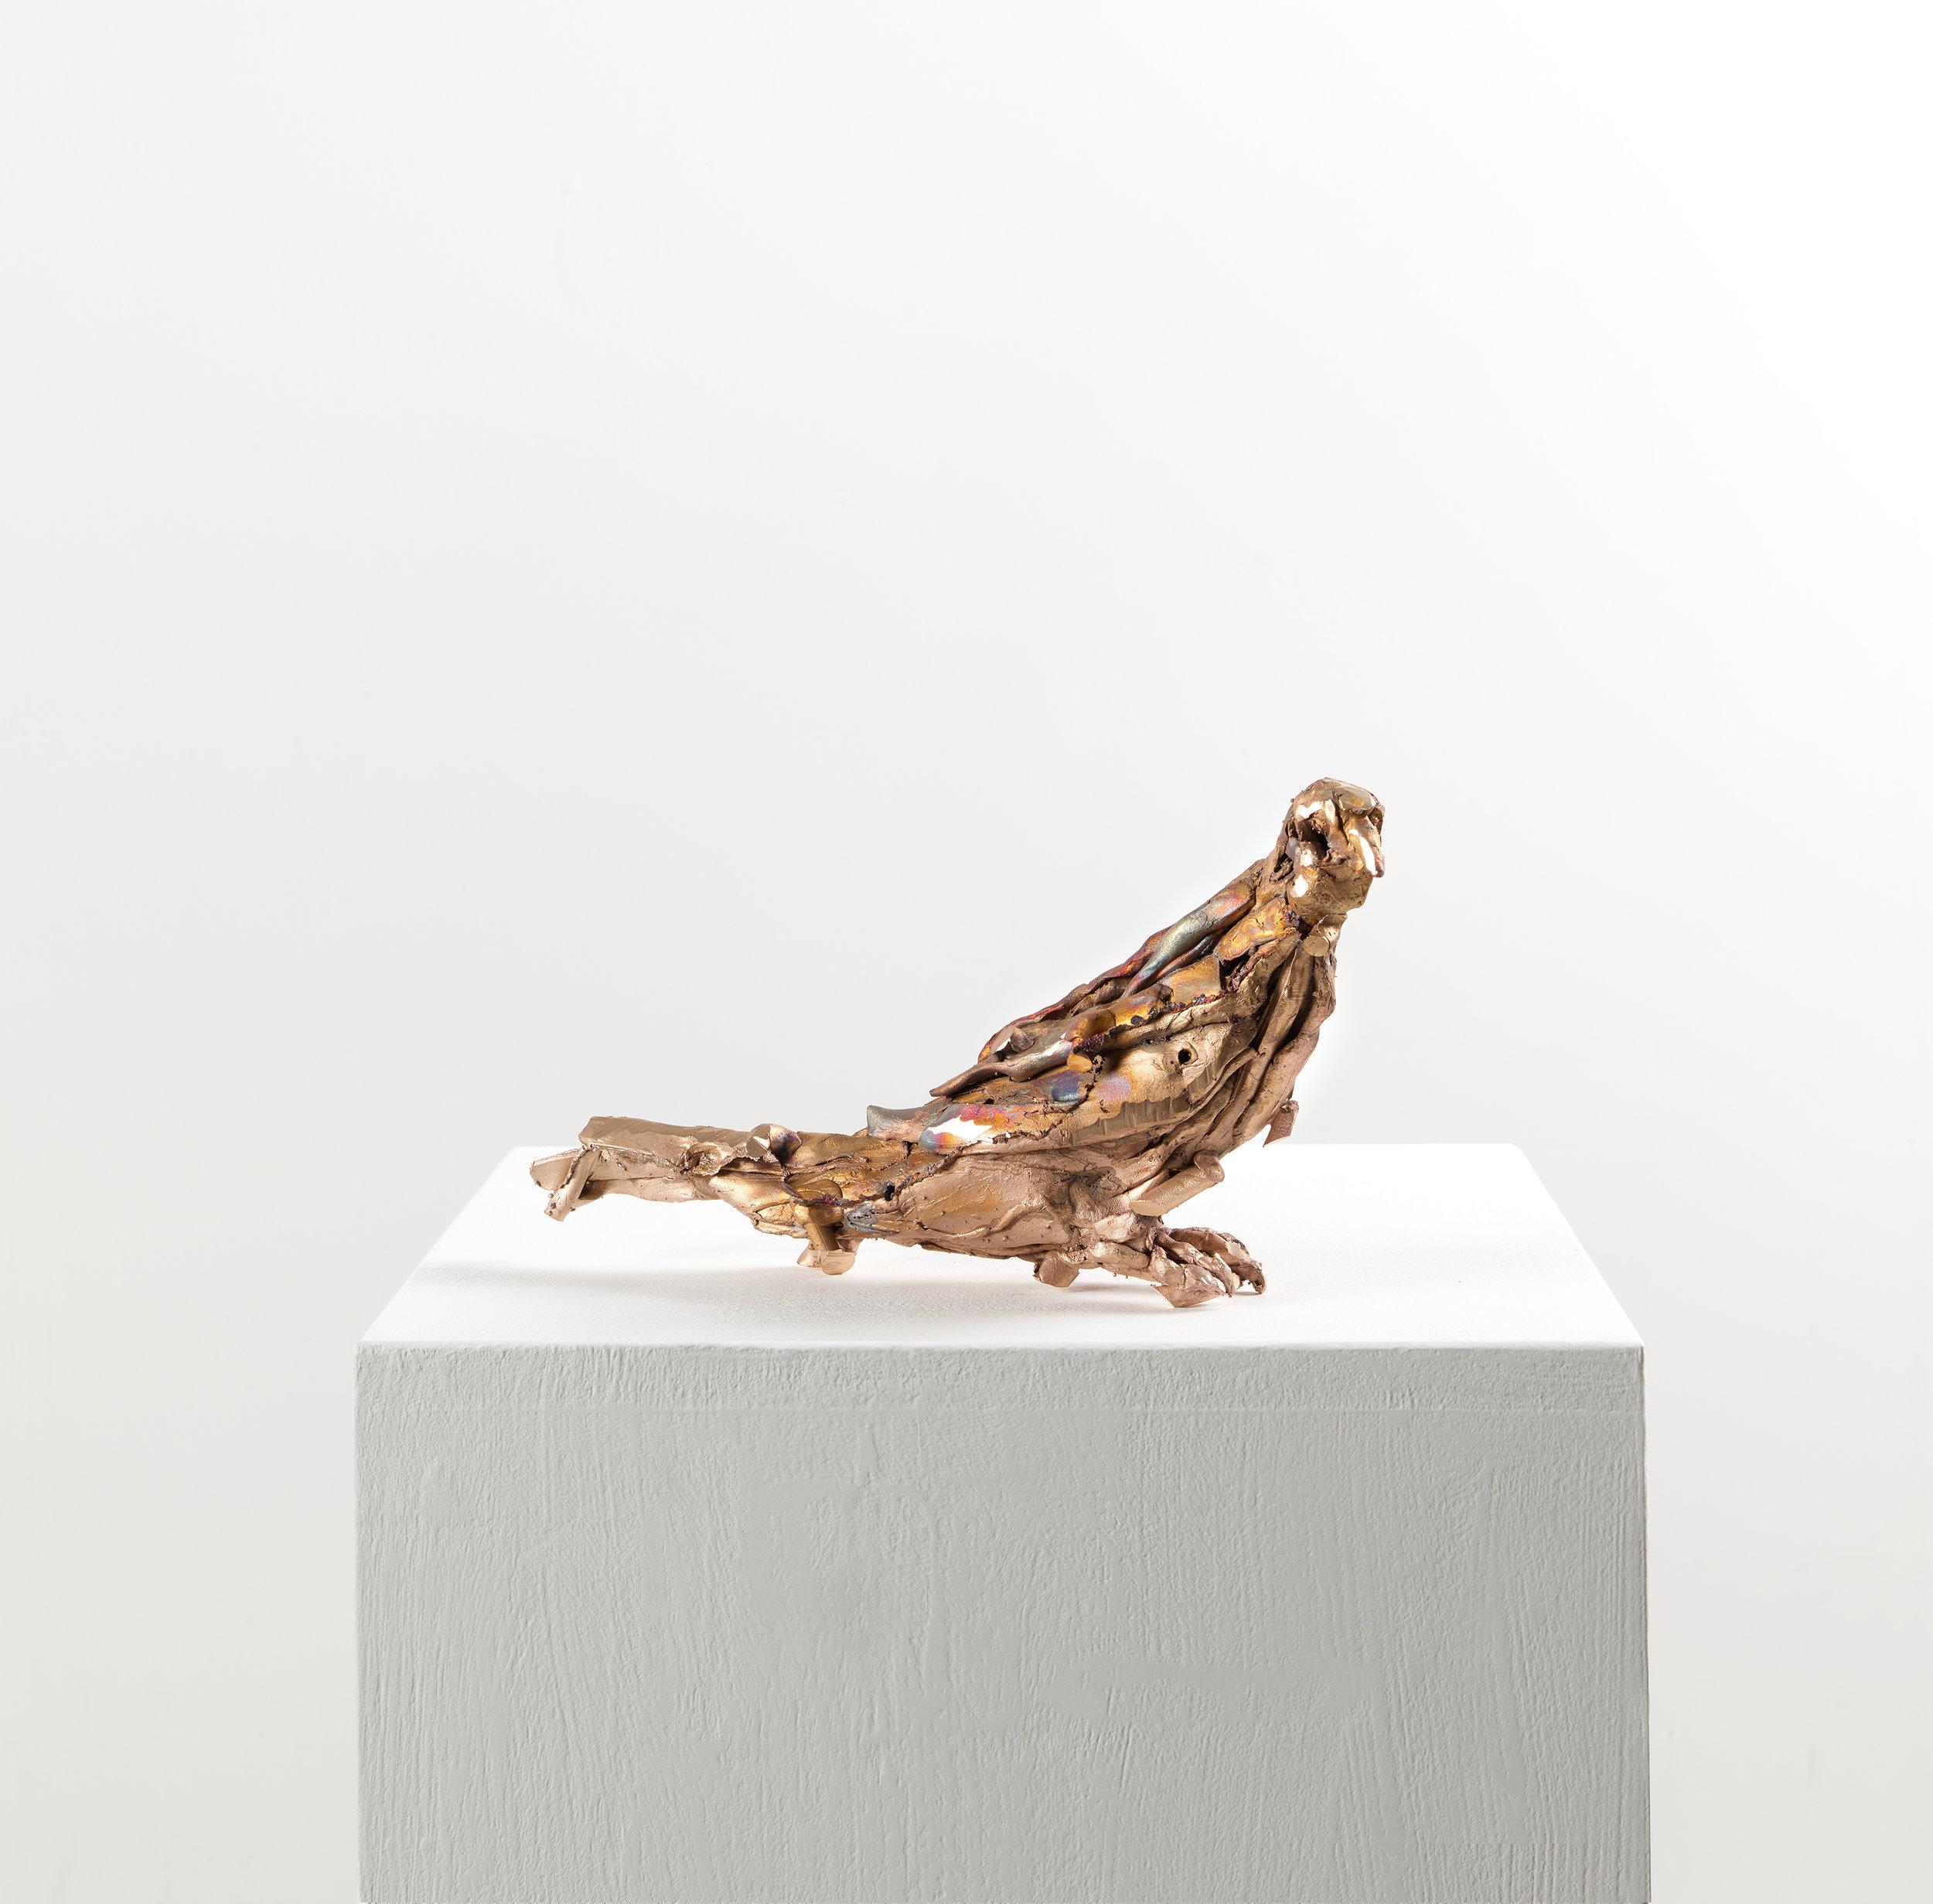 Lionel Sabatté, « Colombe », bronze, 16,5×31×6 cm, 2019, tirage unique.